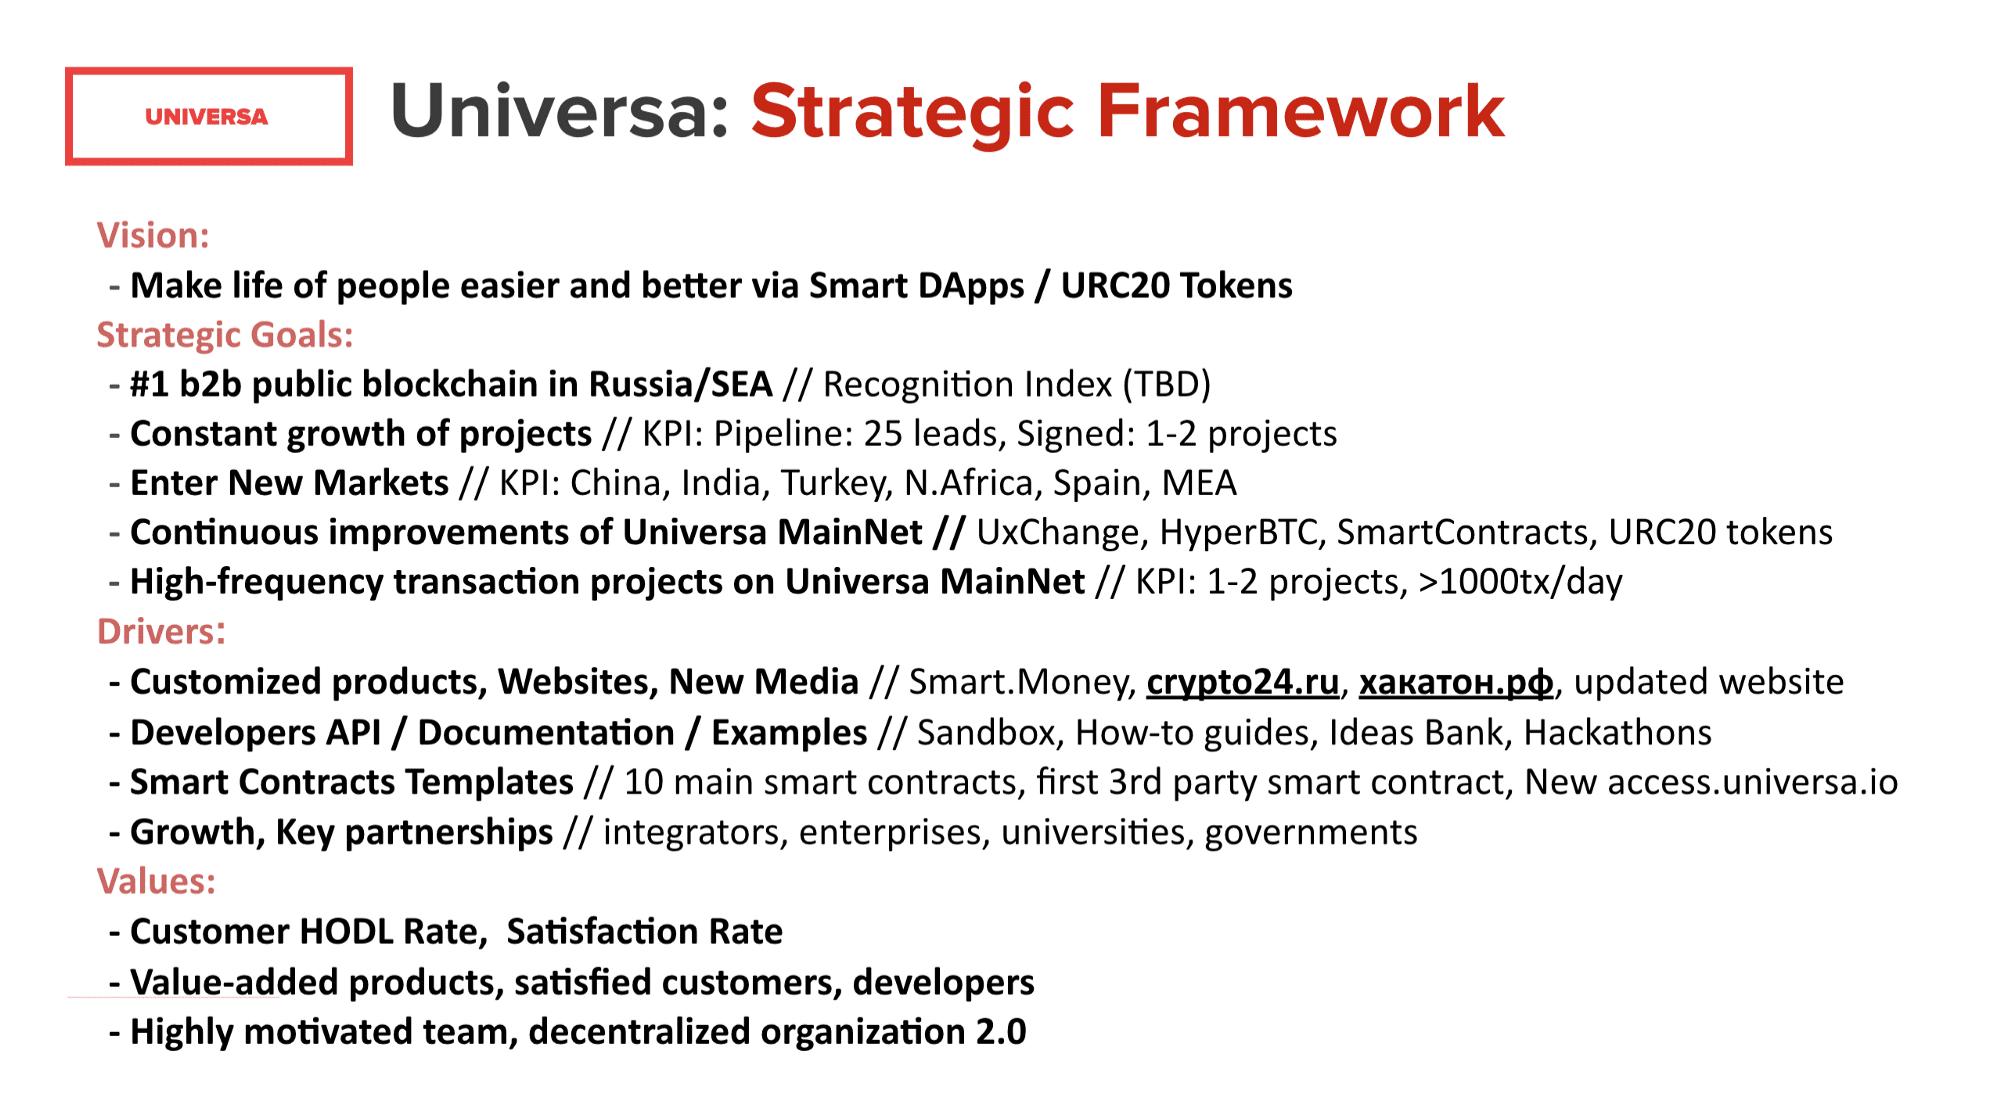 universa strategy